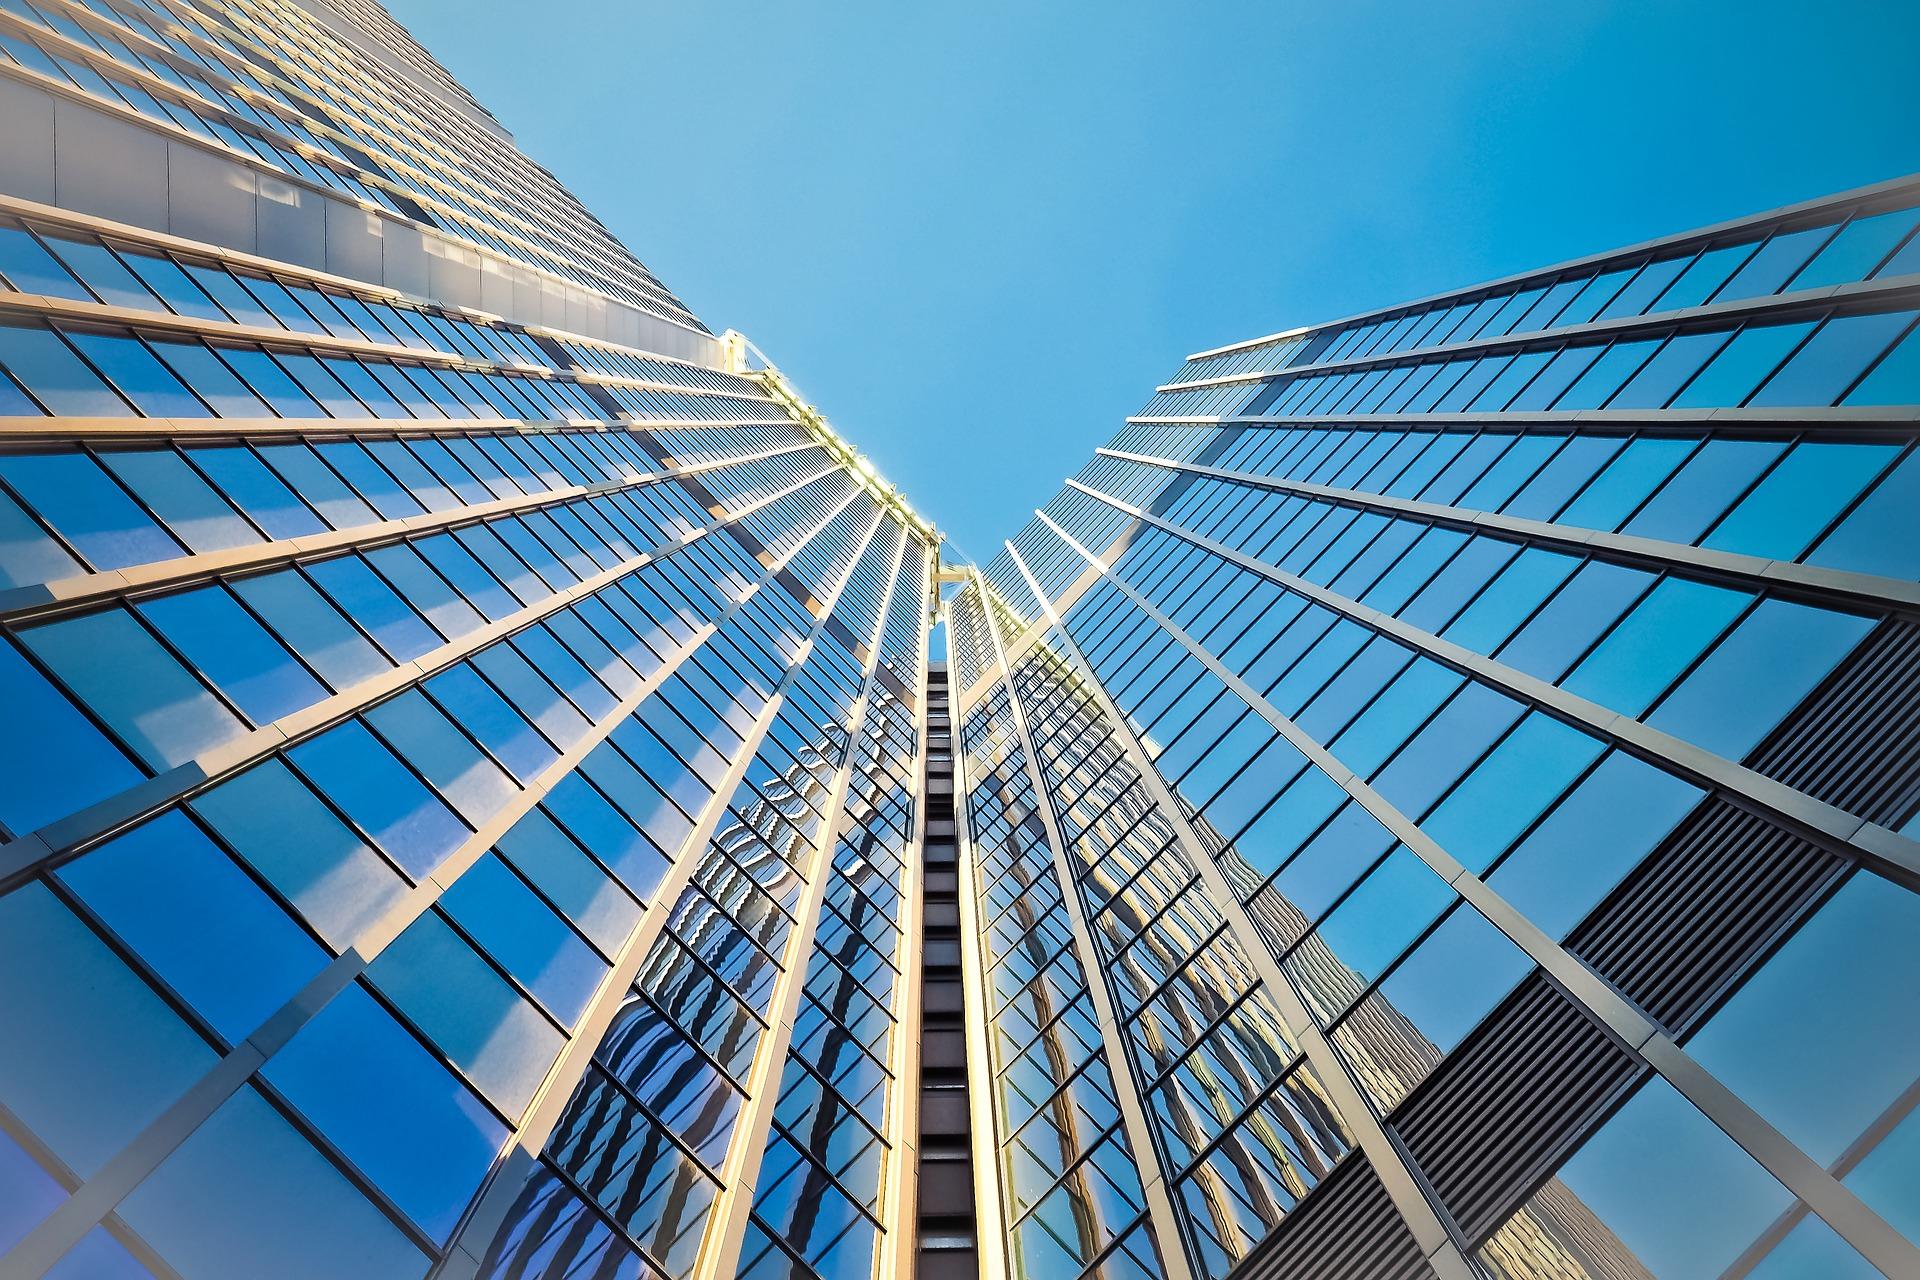 architecture-2083681_1920.jpg